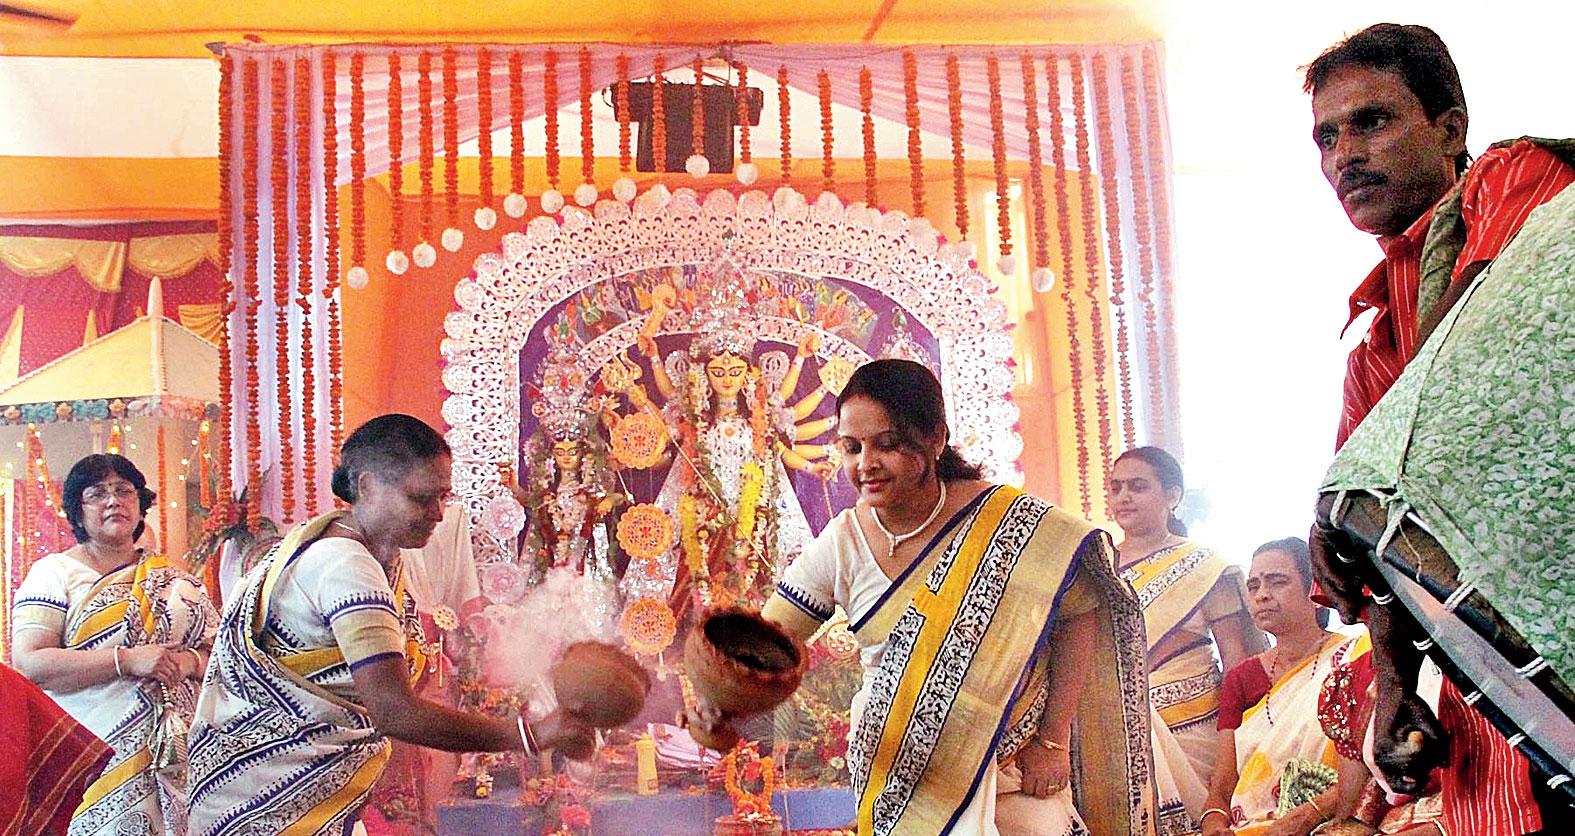 Durga Puja in Calcutta